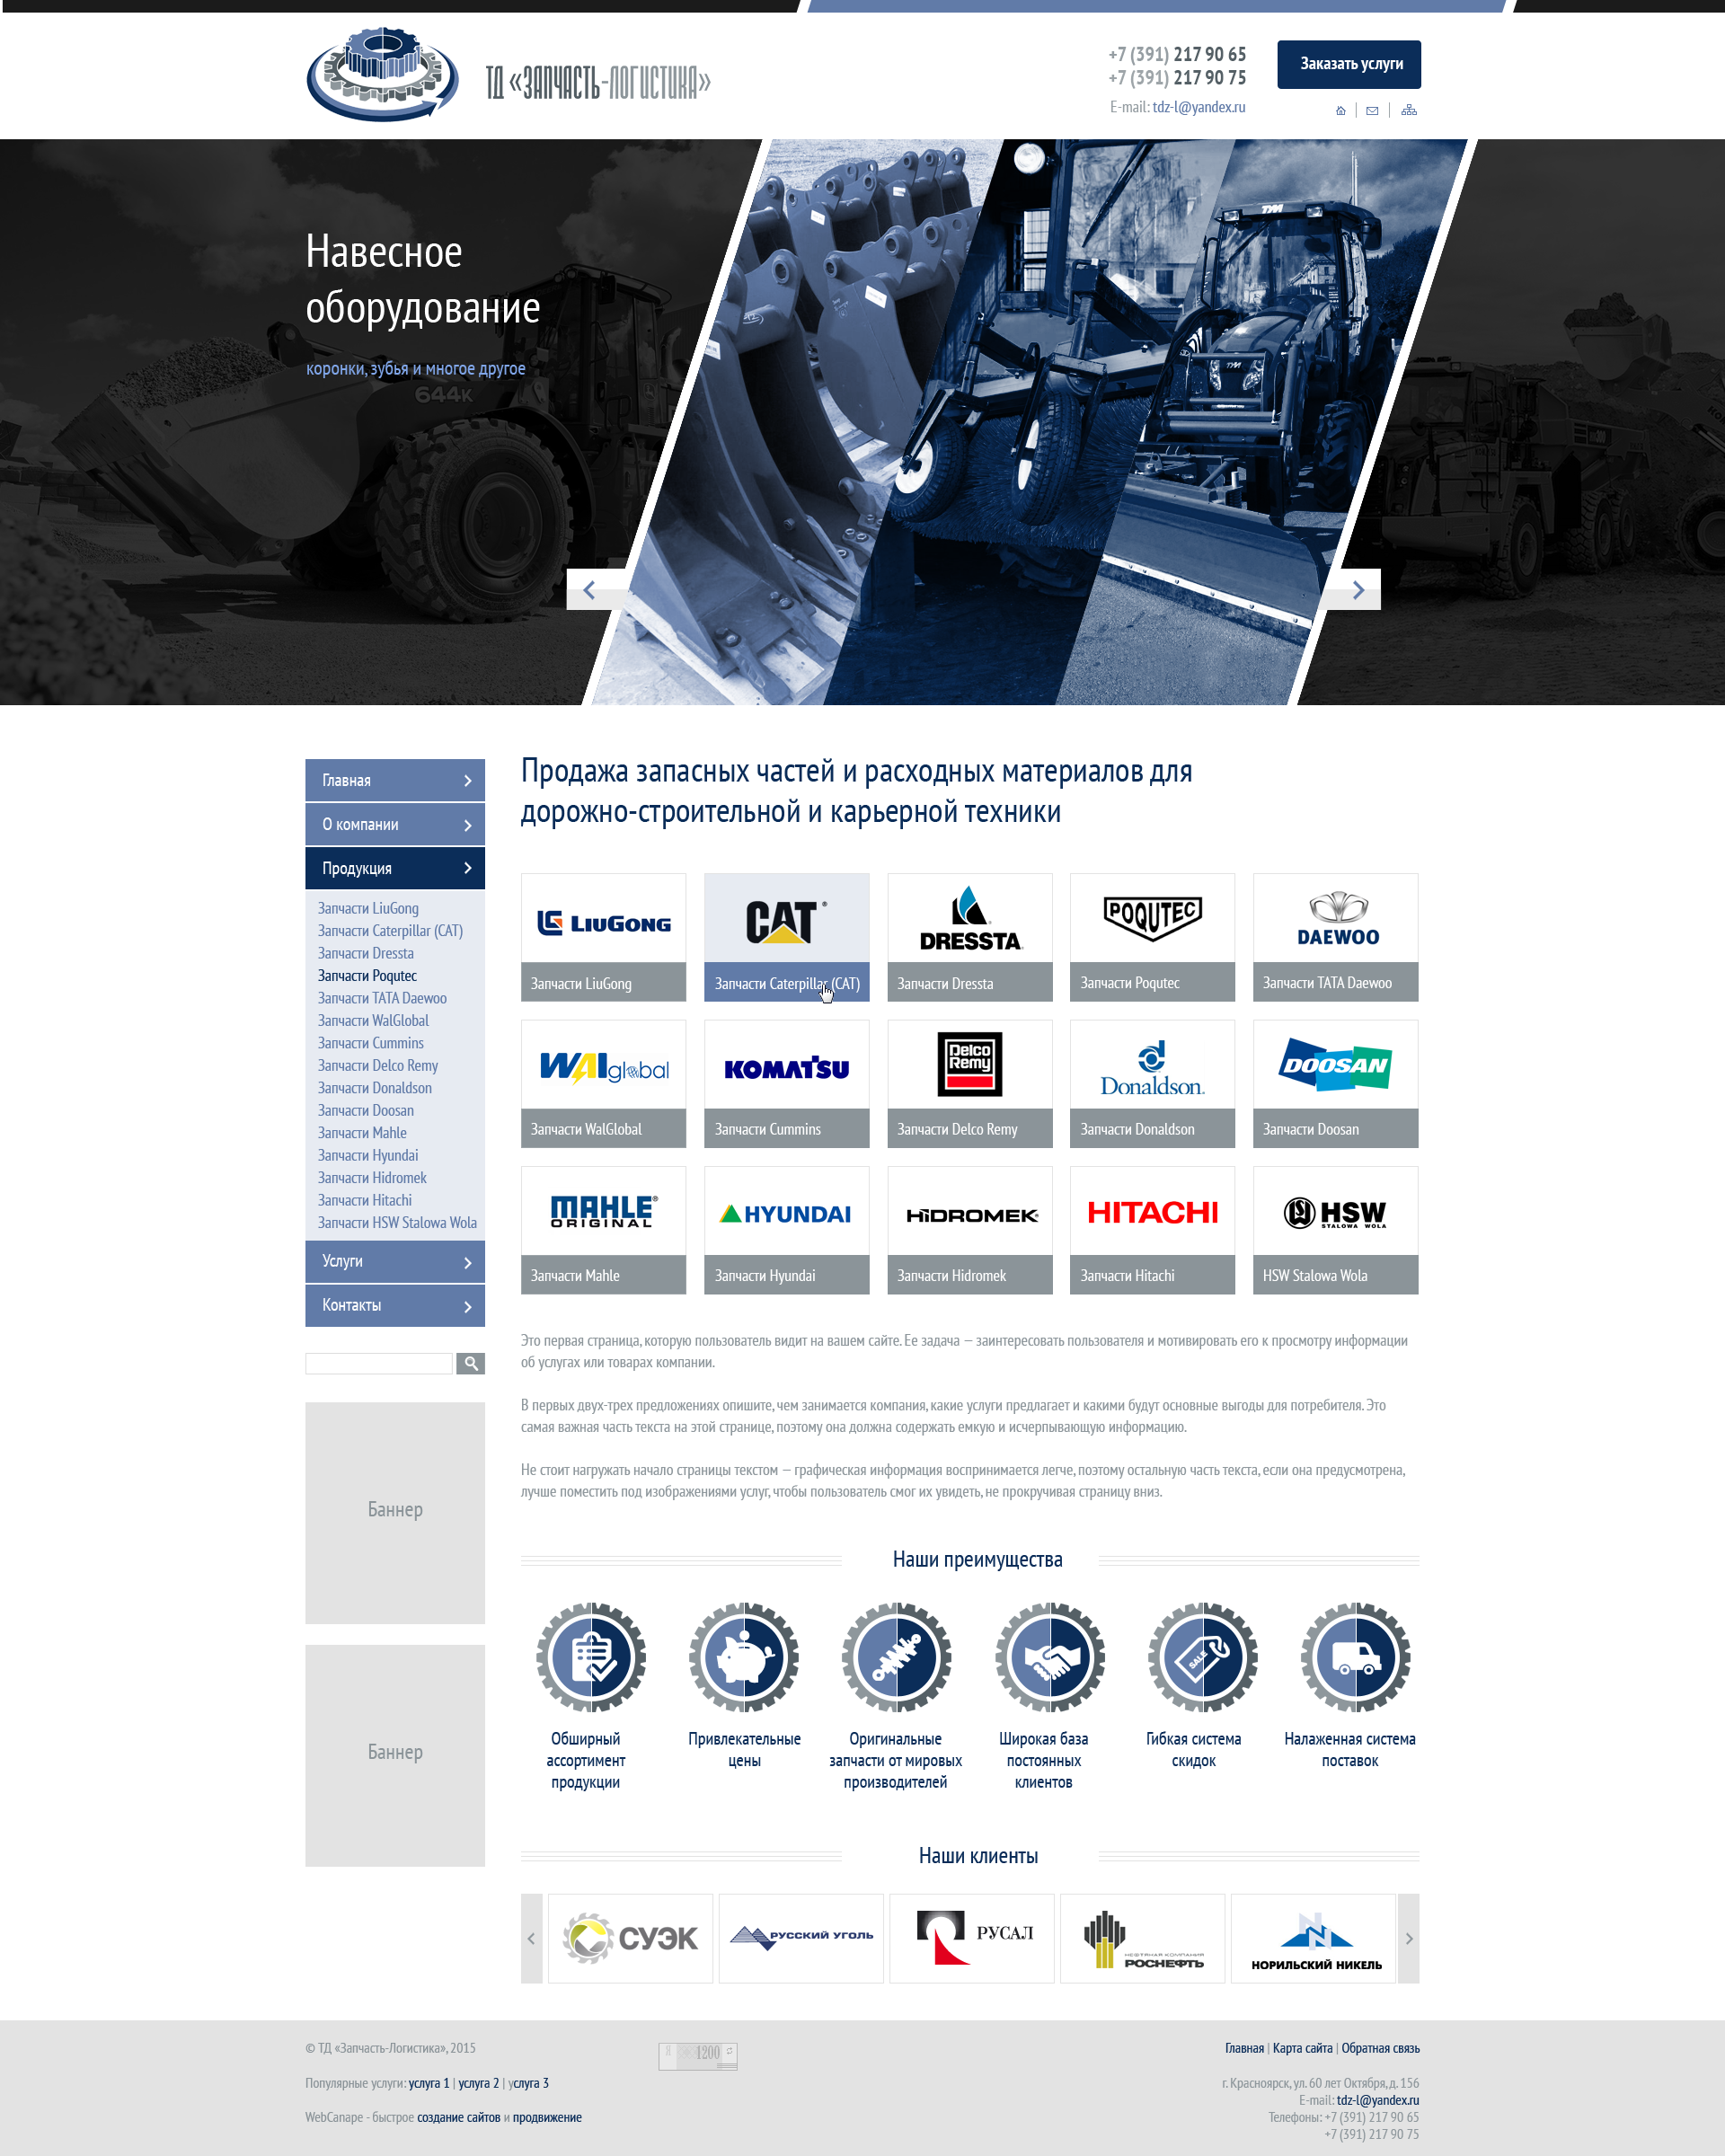 Создание сайта по продаже запчастей и расходных материалов для строительной техники